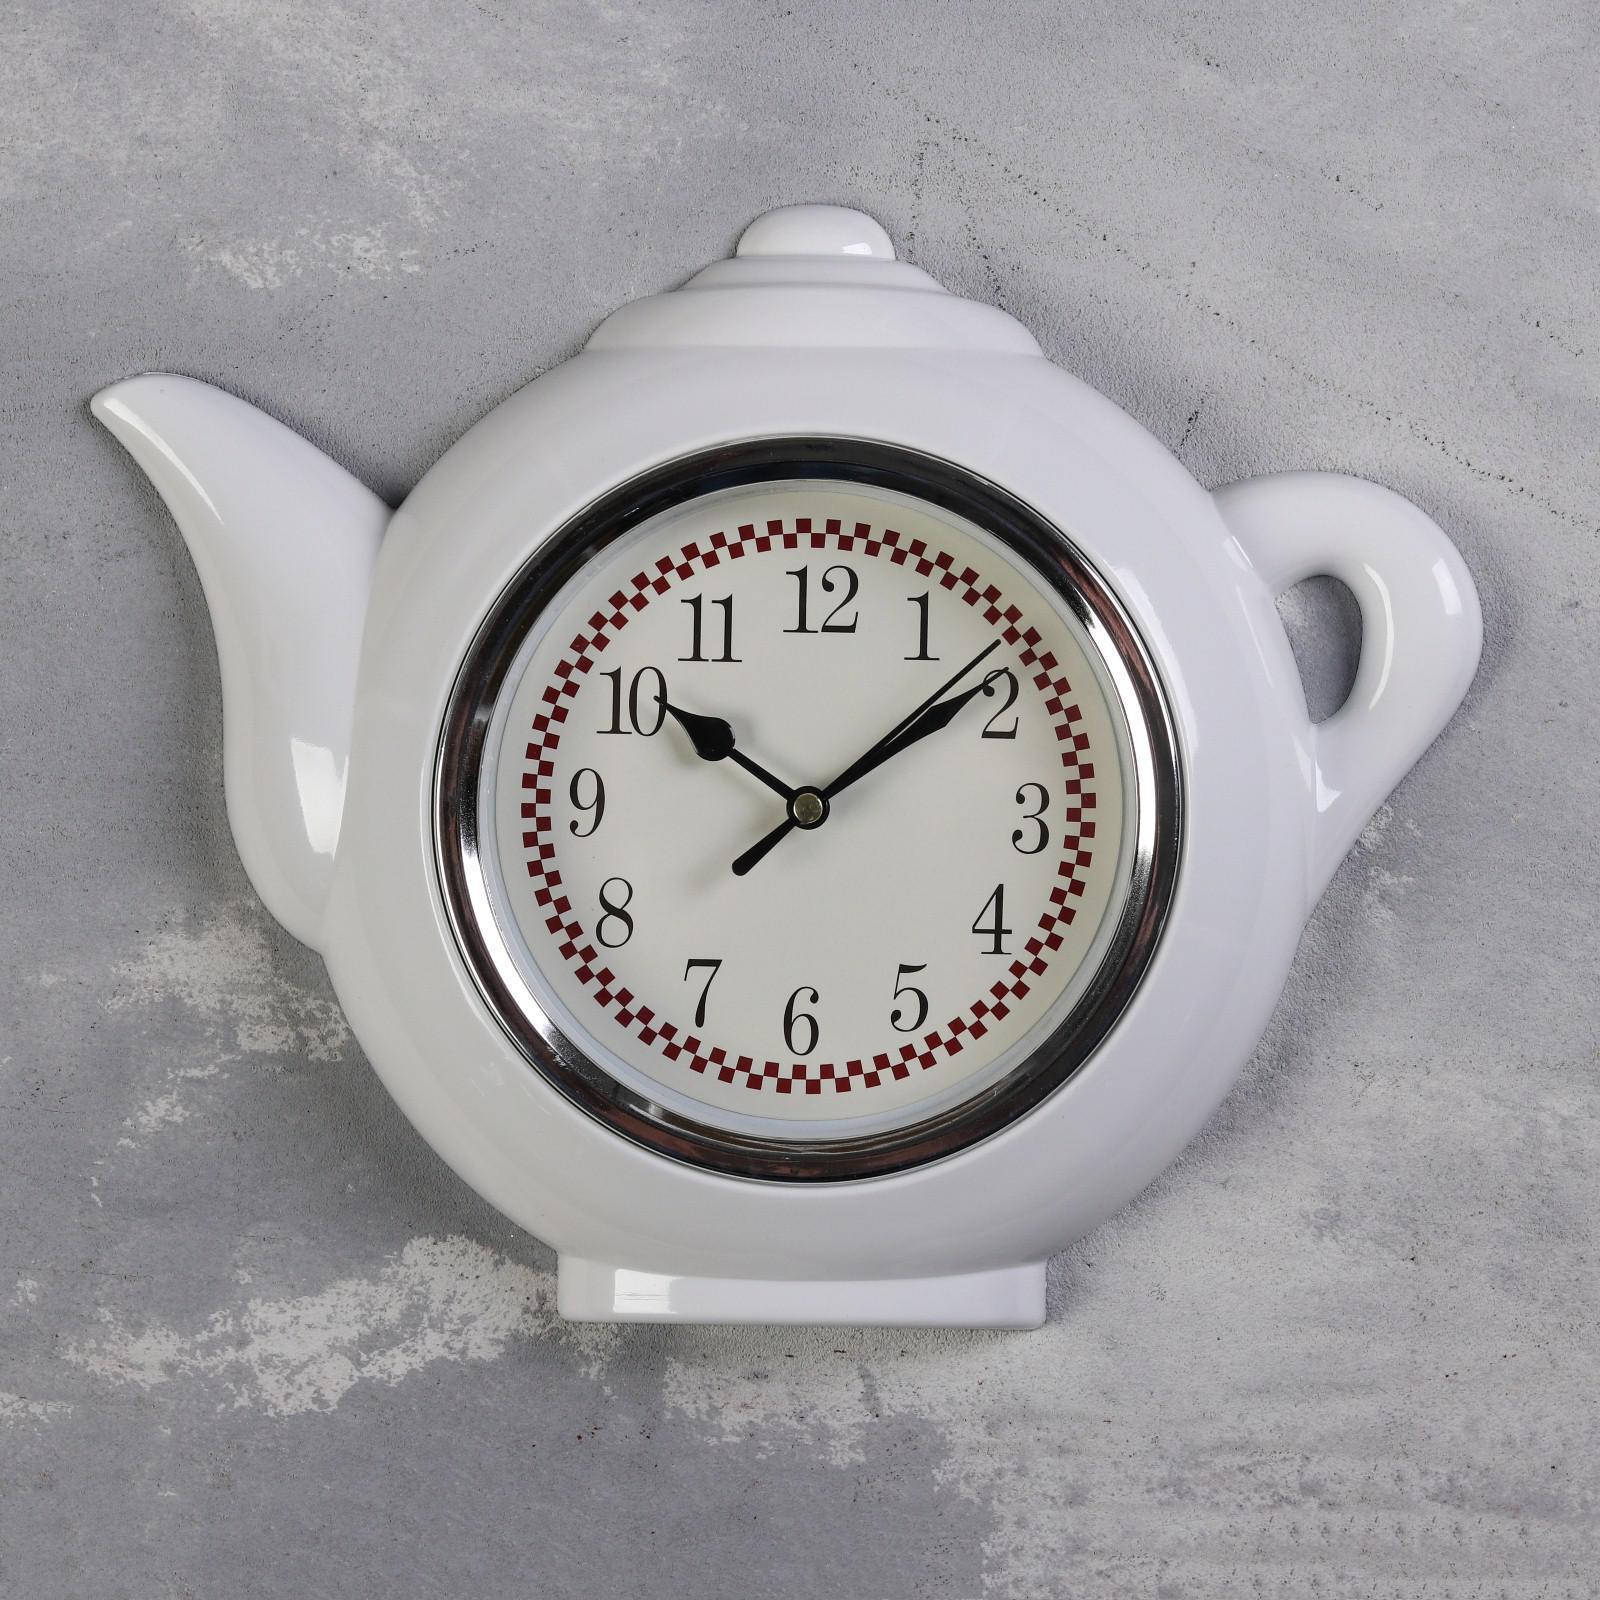 Купить белые часы белые для кухни много часов наручных сонник